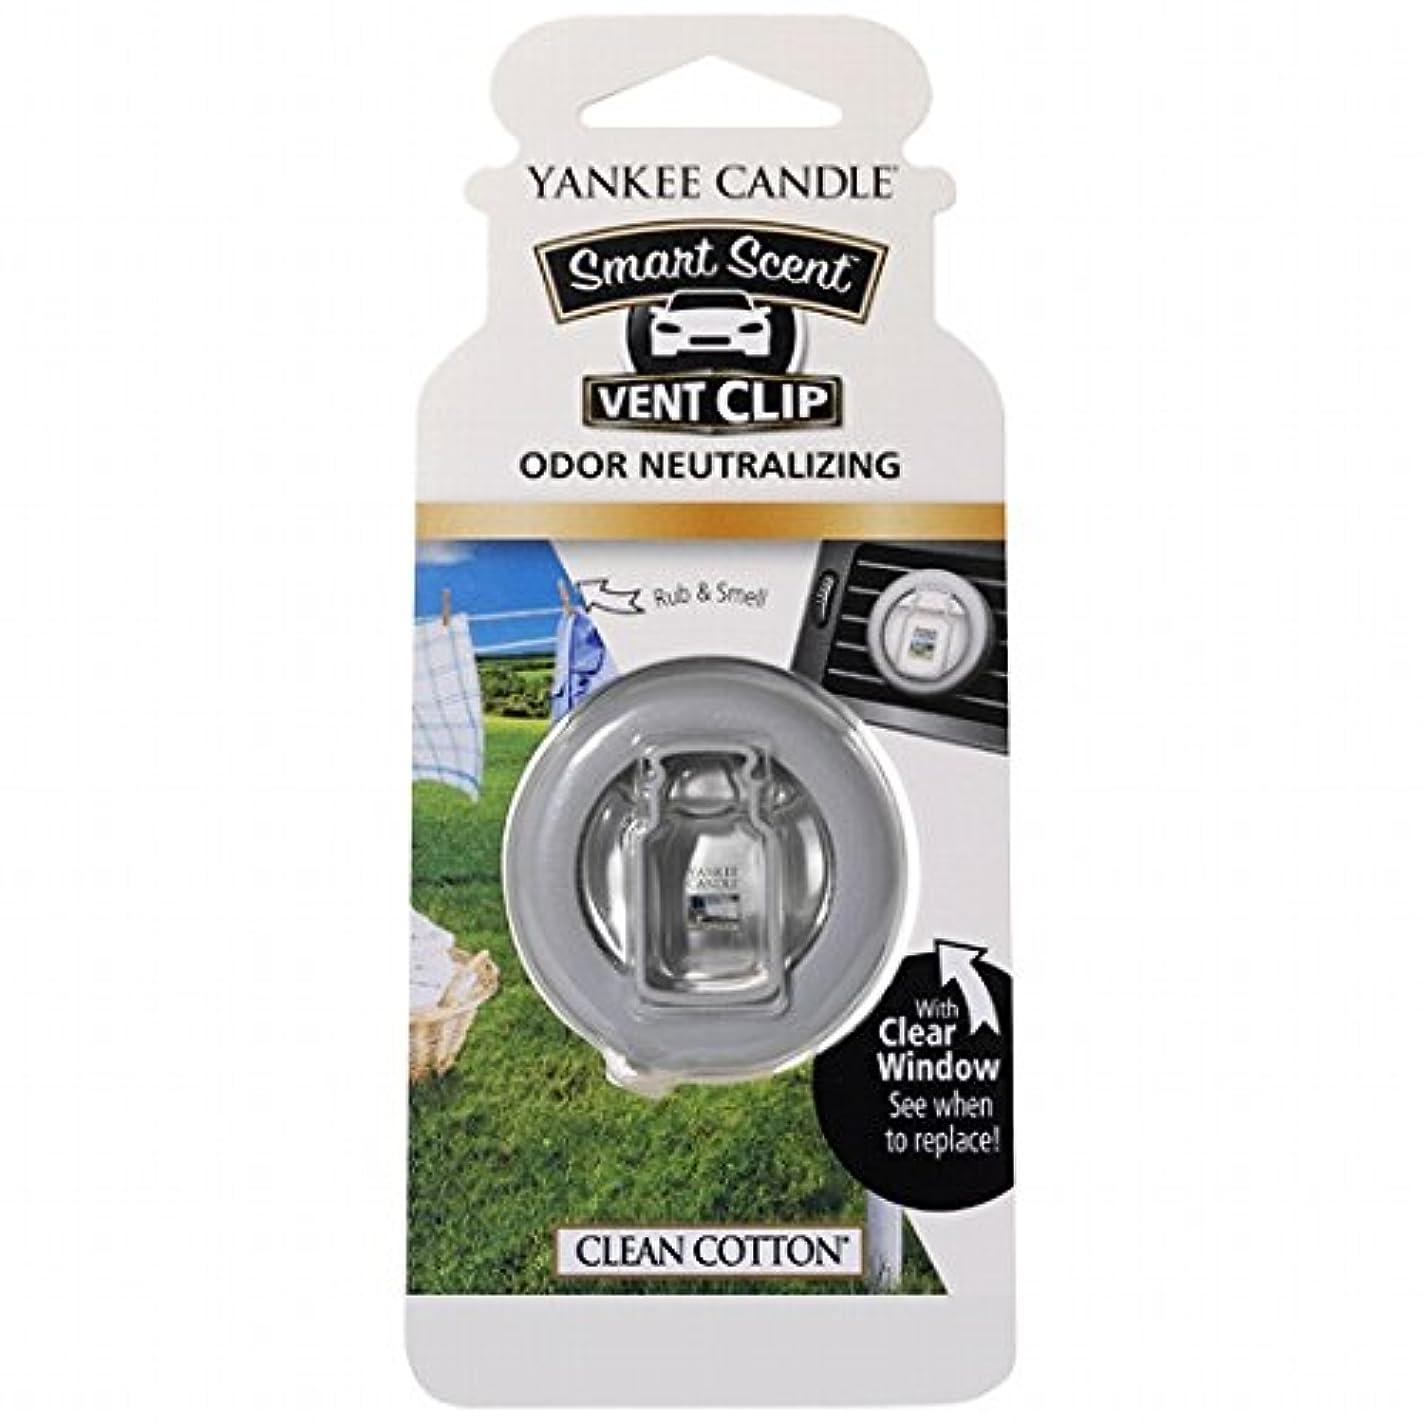 クローン十代の若者たち空カメヤマキャンドル(kameyama candle) YANKEE CANDLE カーフレグランスクリップ 「 クリーンコットン 」